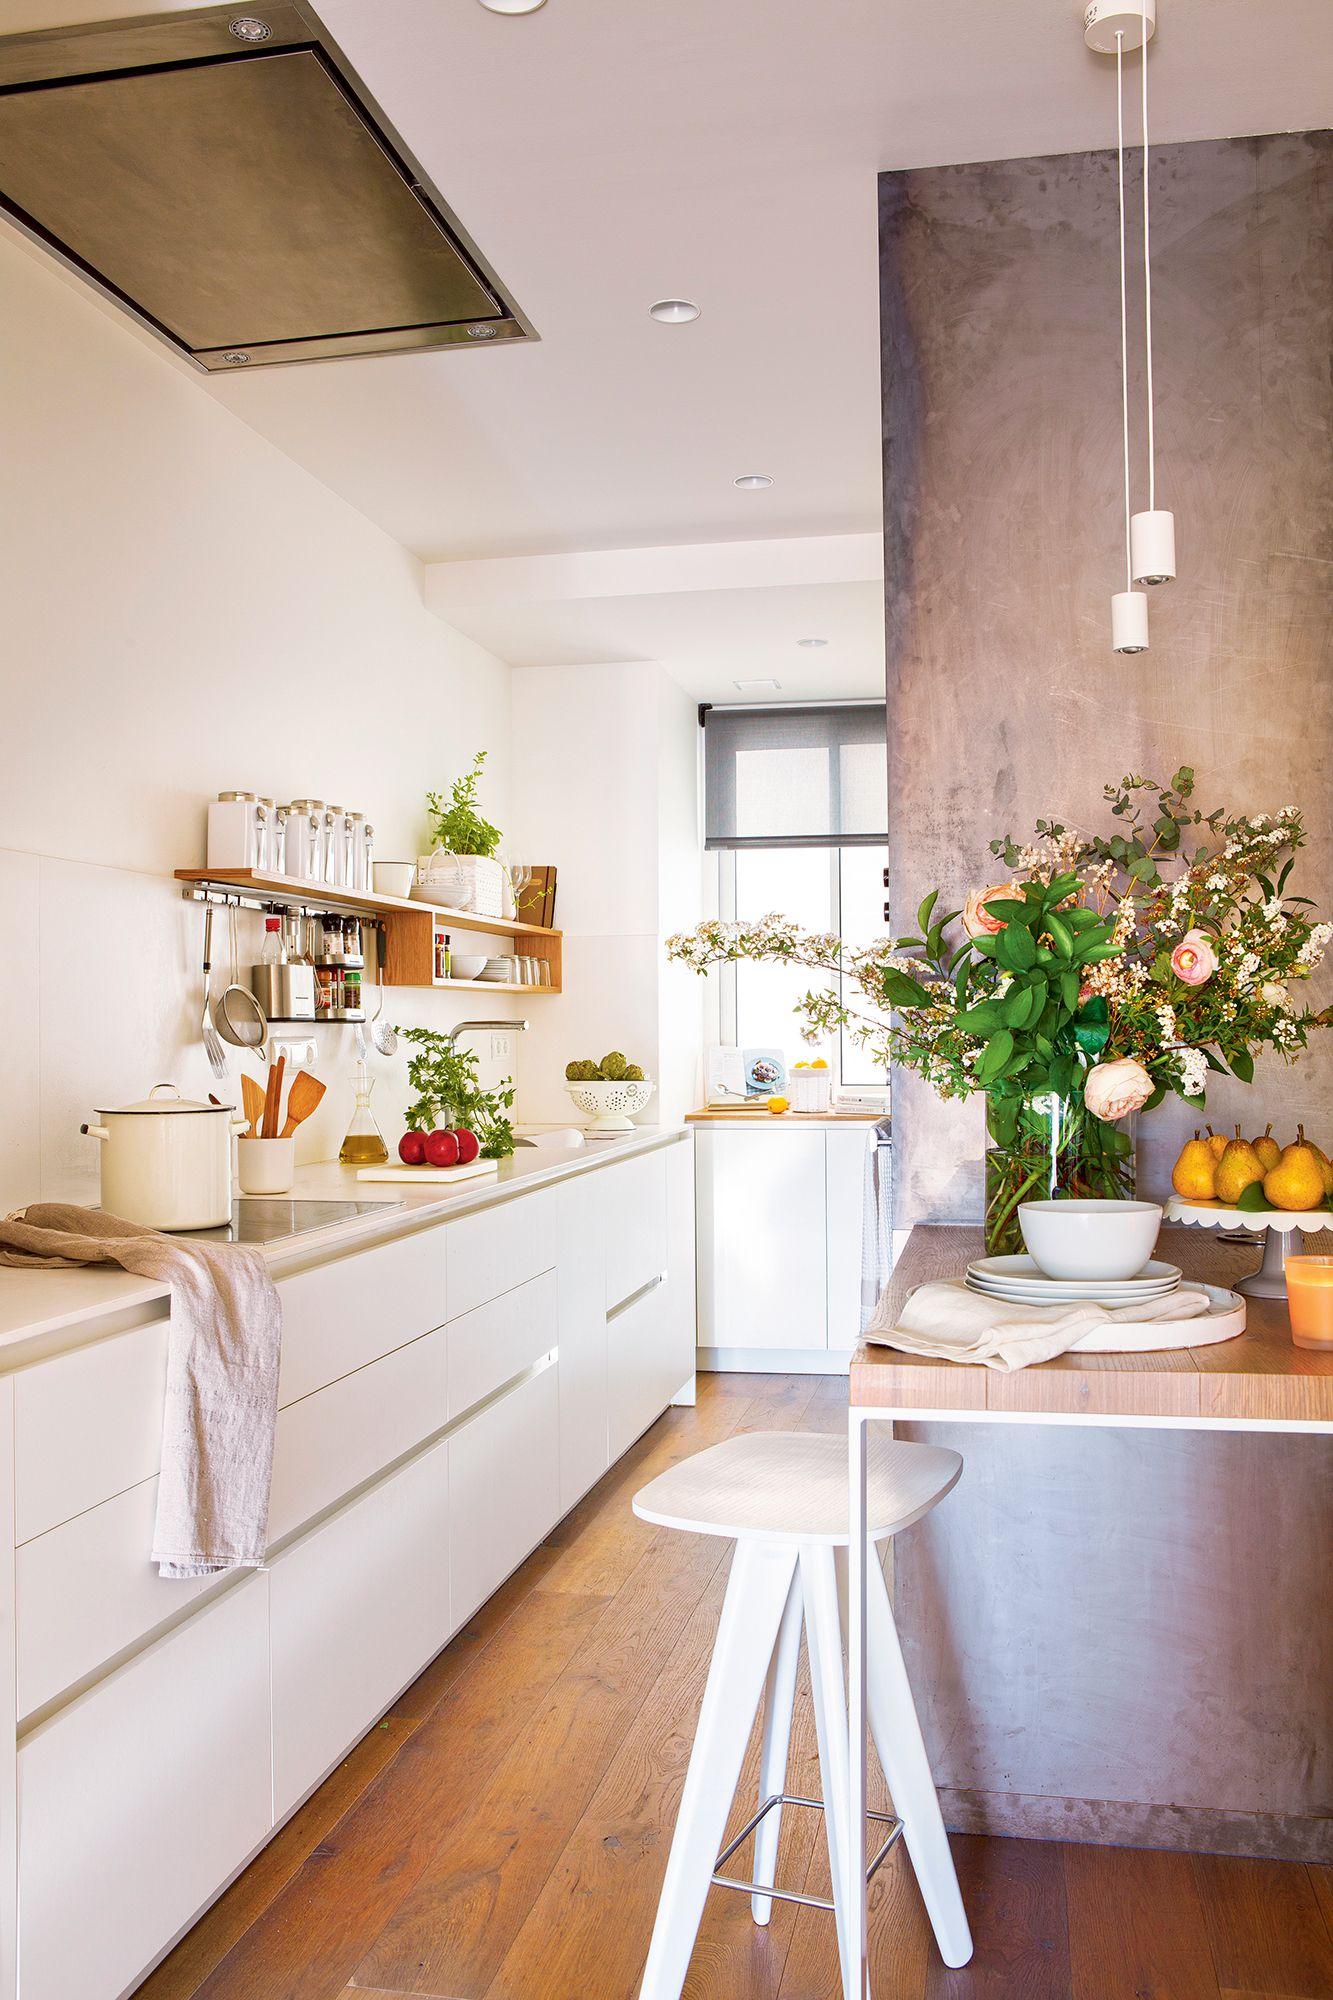 Cocinas Pequenas Con Muebles Blancos.14 Calcula Tu Espacio De Almacenaje Cocinas Pequenas